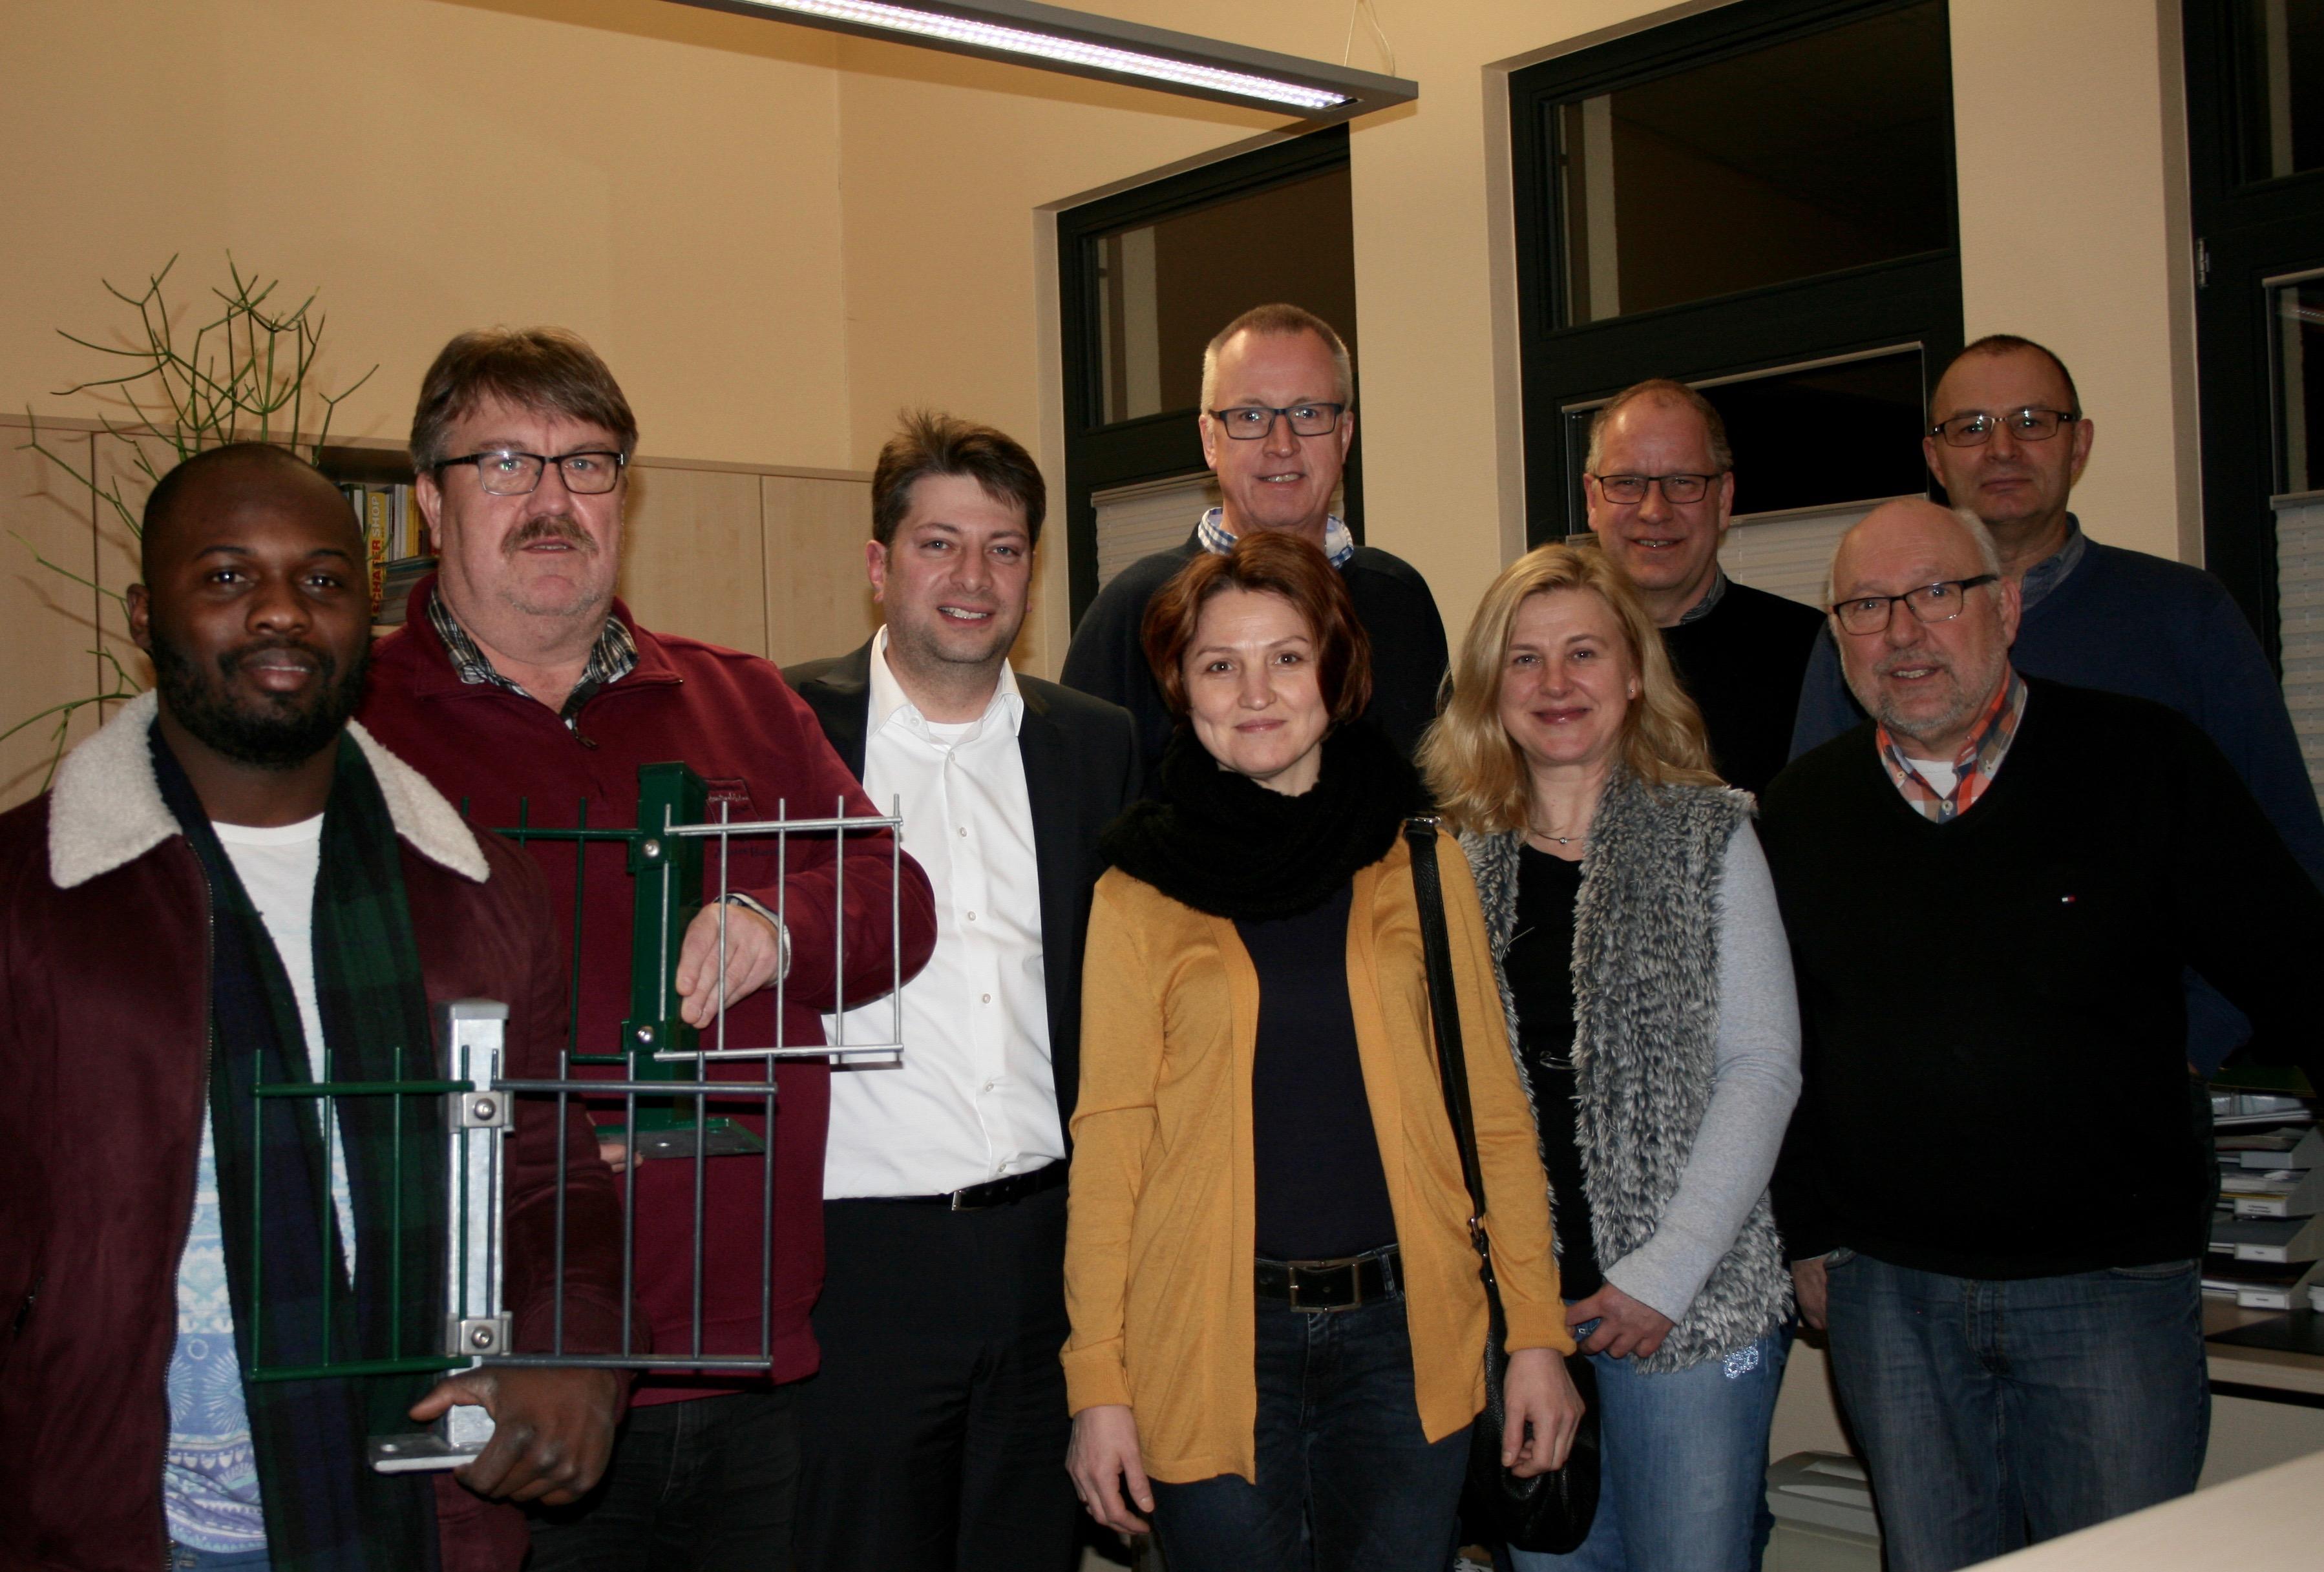 Das Bild zeigt die Vertreter der CDU-Ratsfraktion mit Bürgermeister Matthias Brüggemann (rechts) mit den Inhaberehepaar Christiane und Dirk Meister (4. und 3. von rechts).